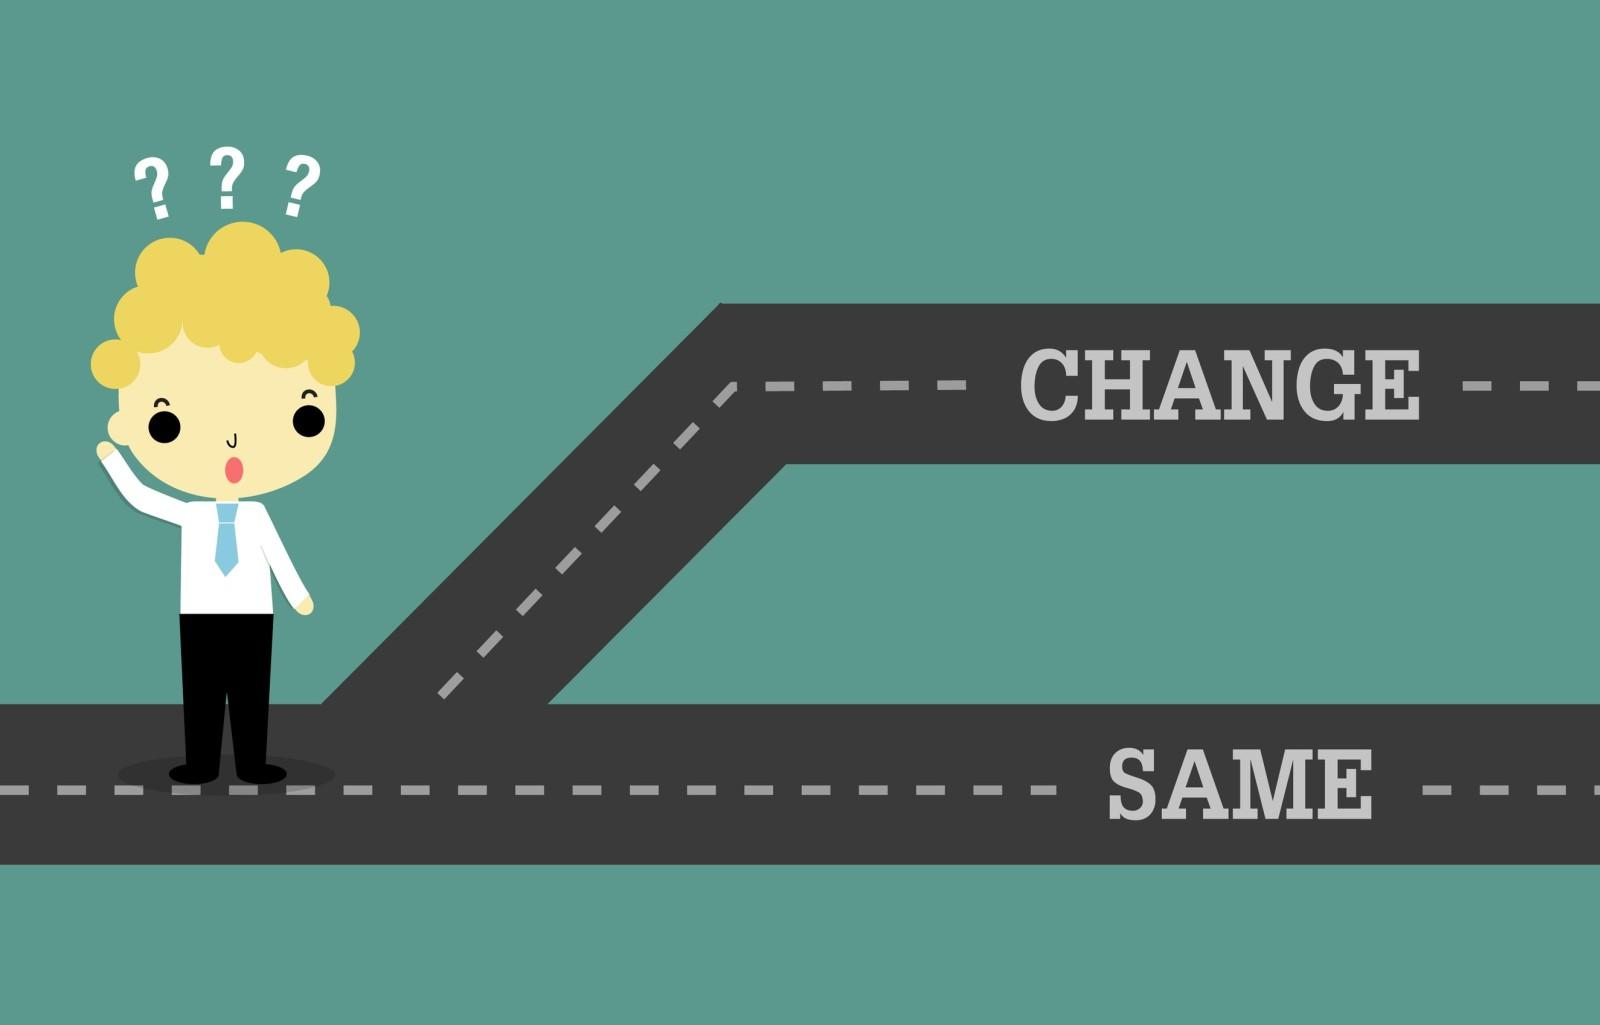 https://cdn2.hubspot.net/hubfs/2470171/blog/Change%20Choice.jpg Feature Image